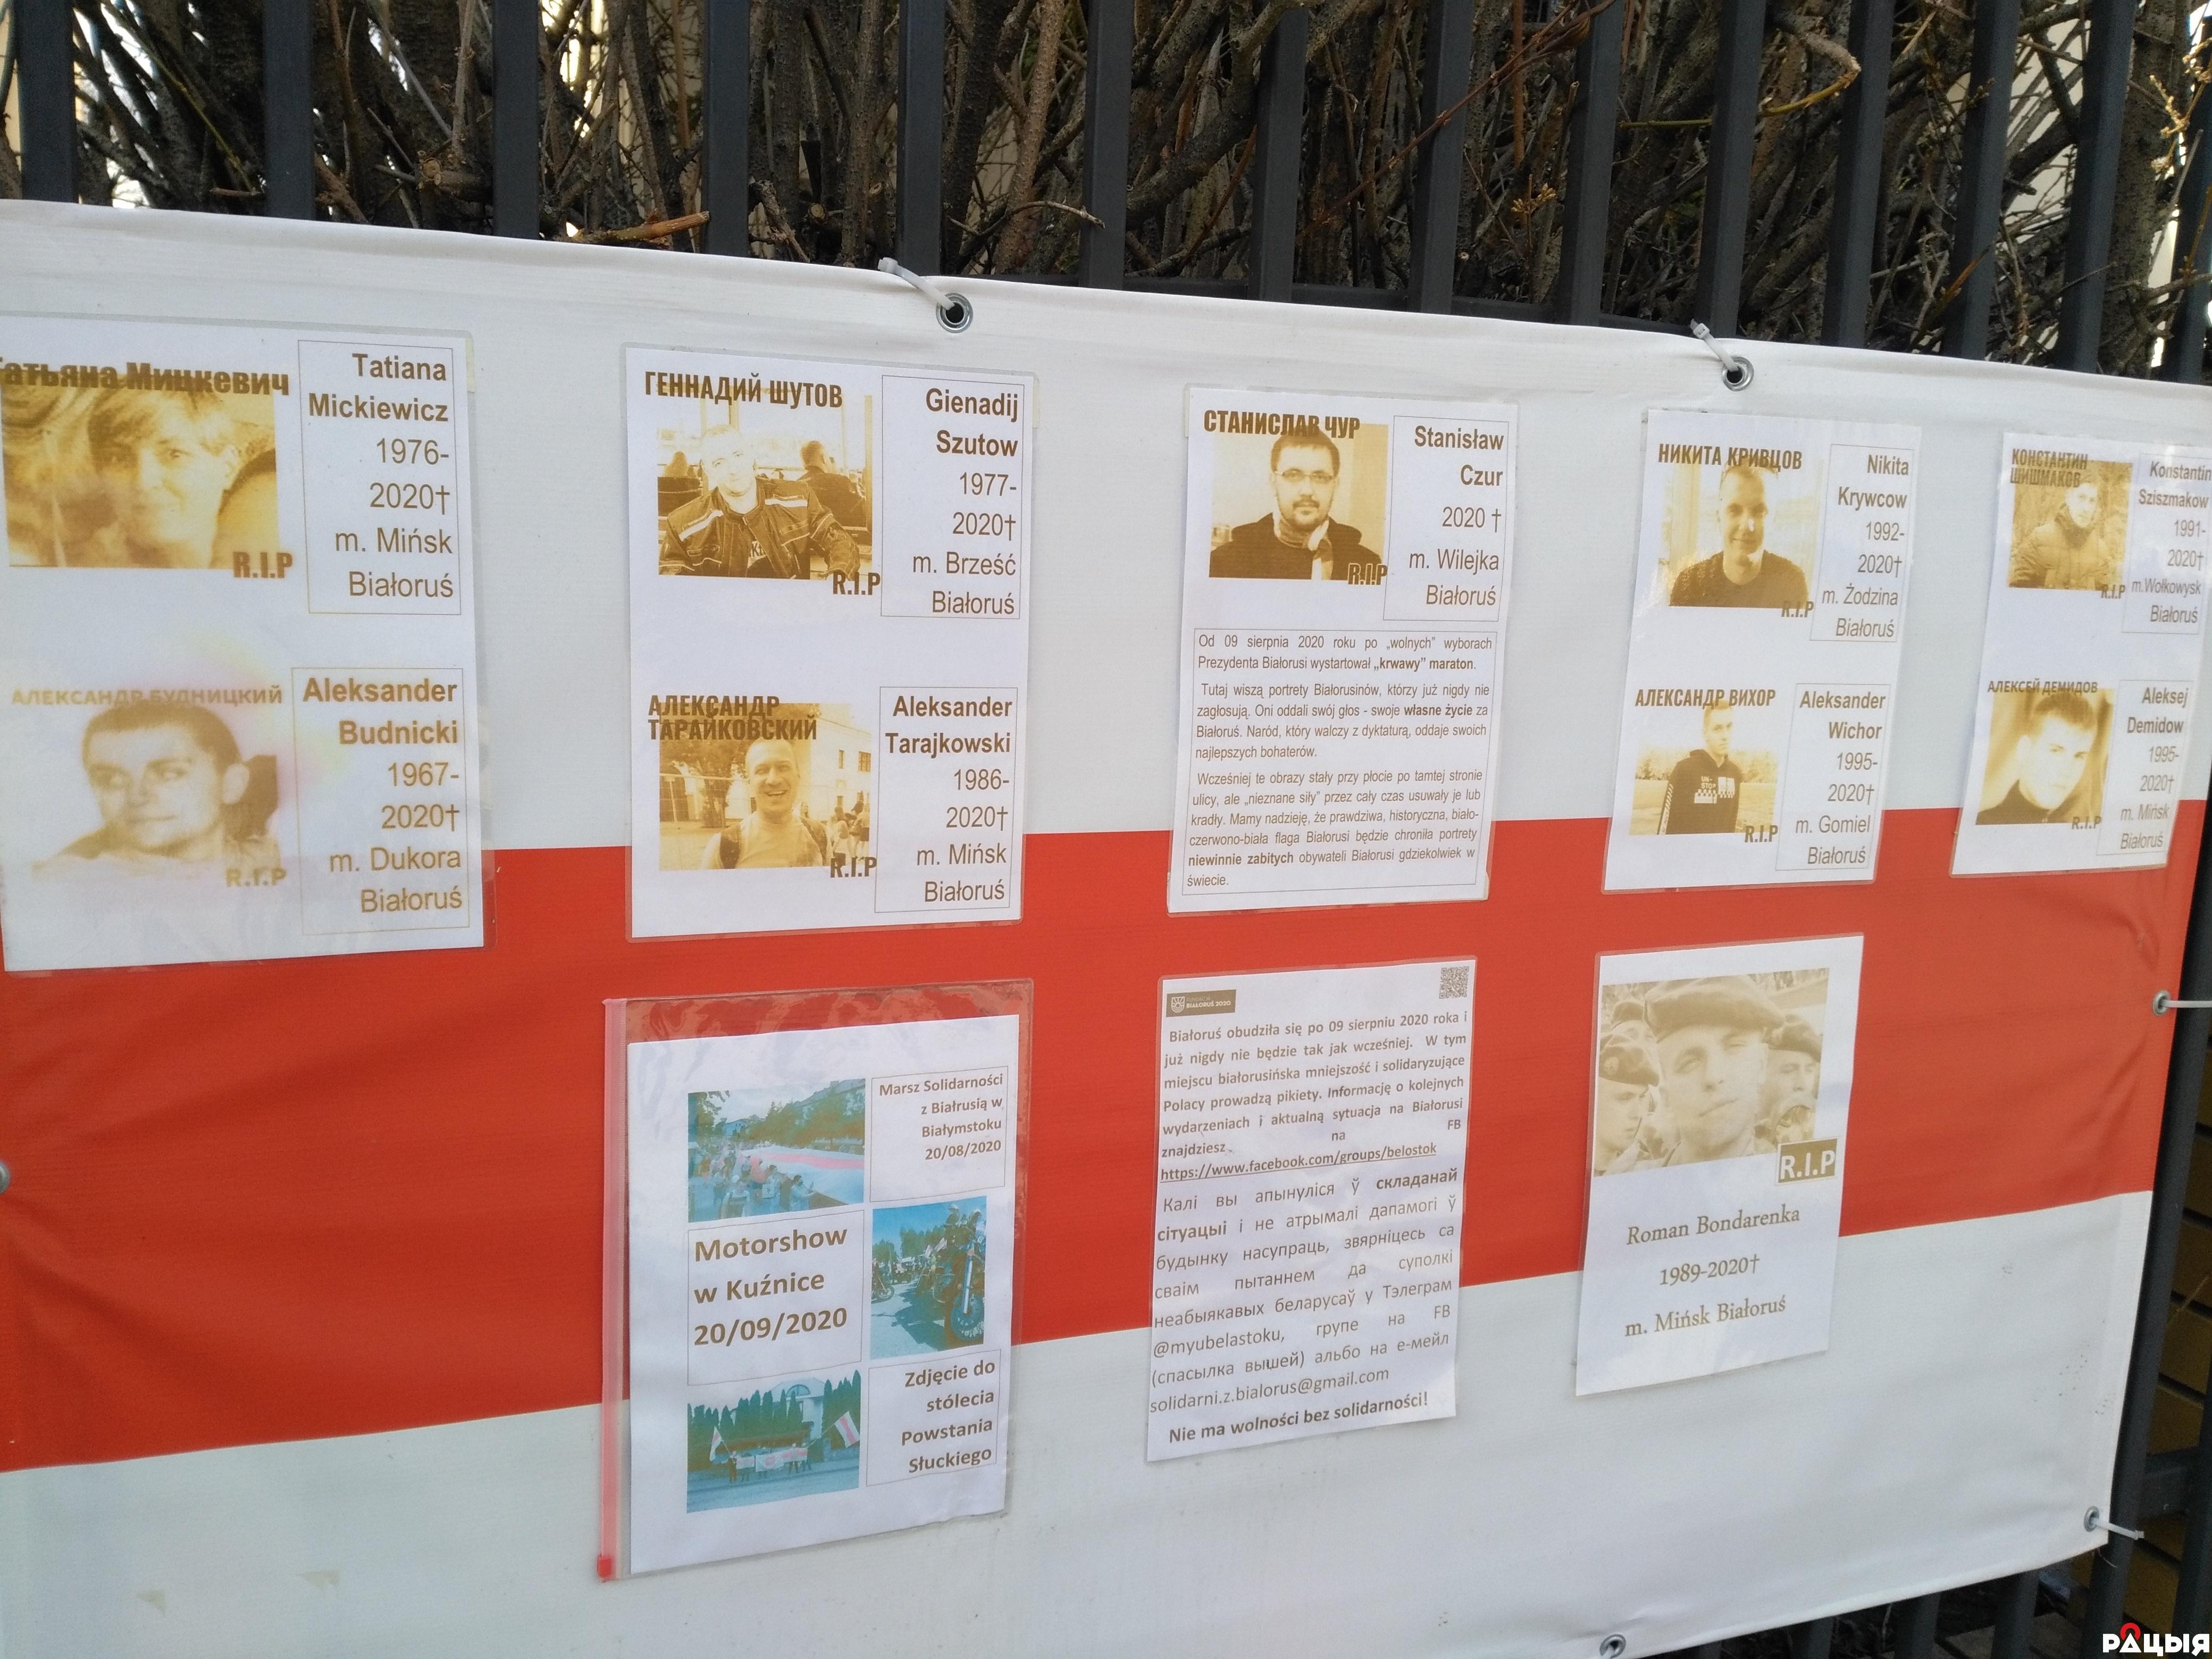 Насупраць беларускага консульства ў Беластоку з'явіліся плакаты БНР5